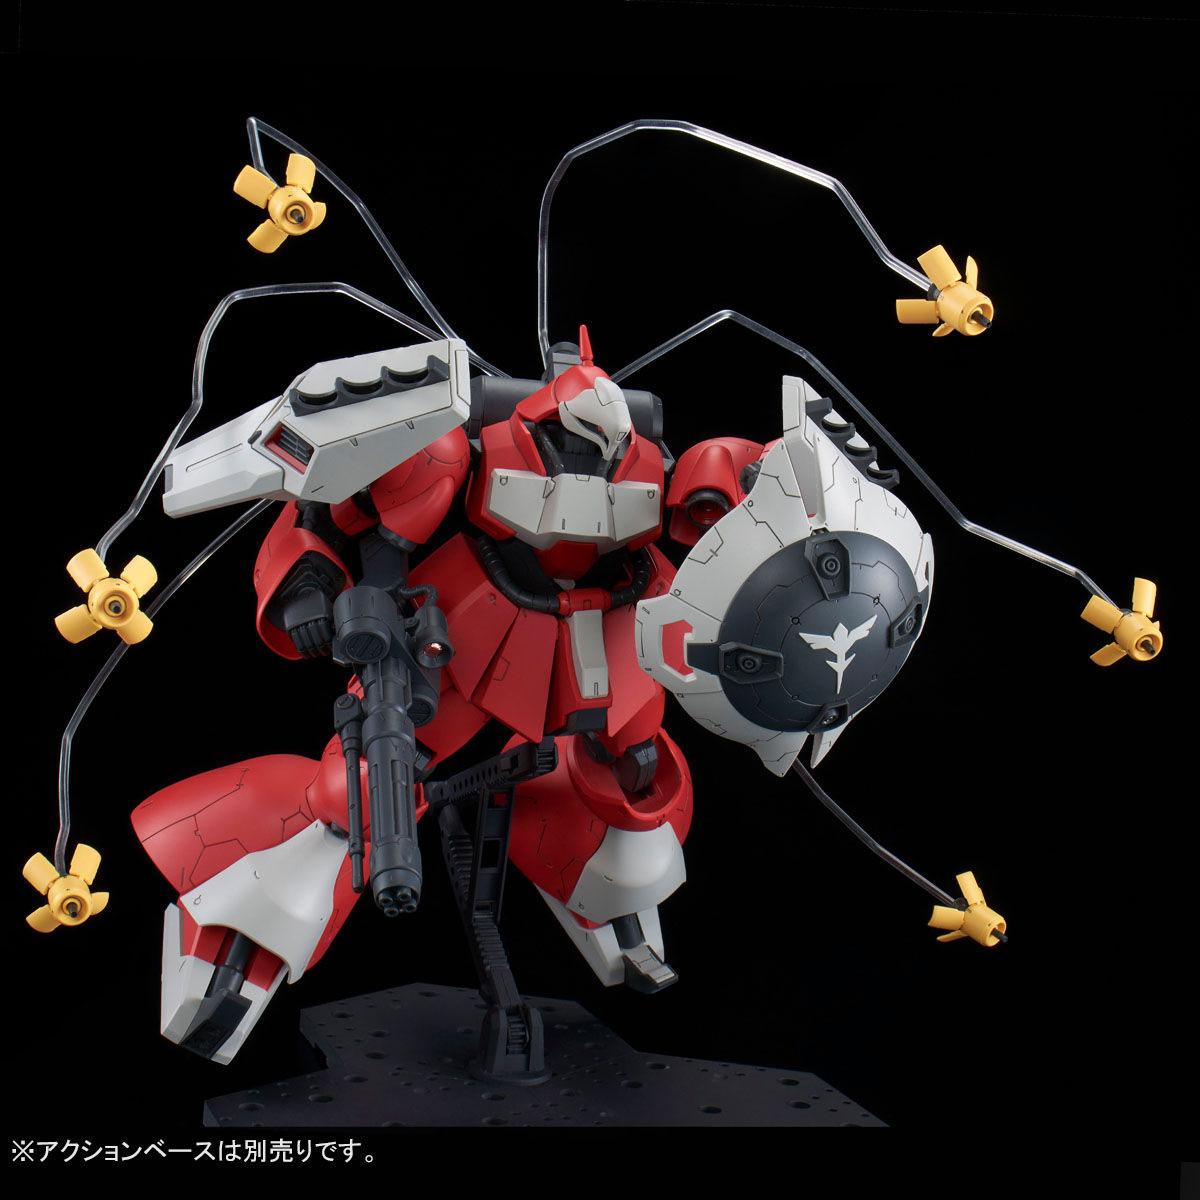 RE/100『ヤクト・ドーガ(クェス・エア機)』機動戦士ガンダム 逆襲のシャア 1/100 プラモデル-005